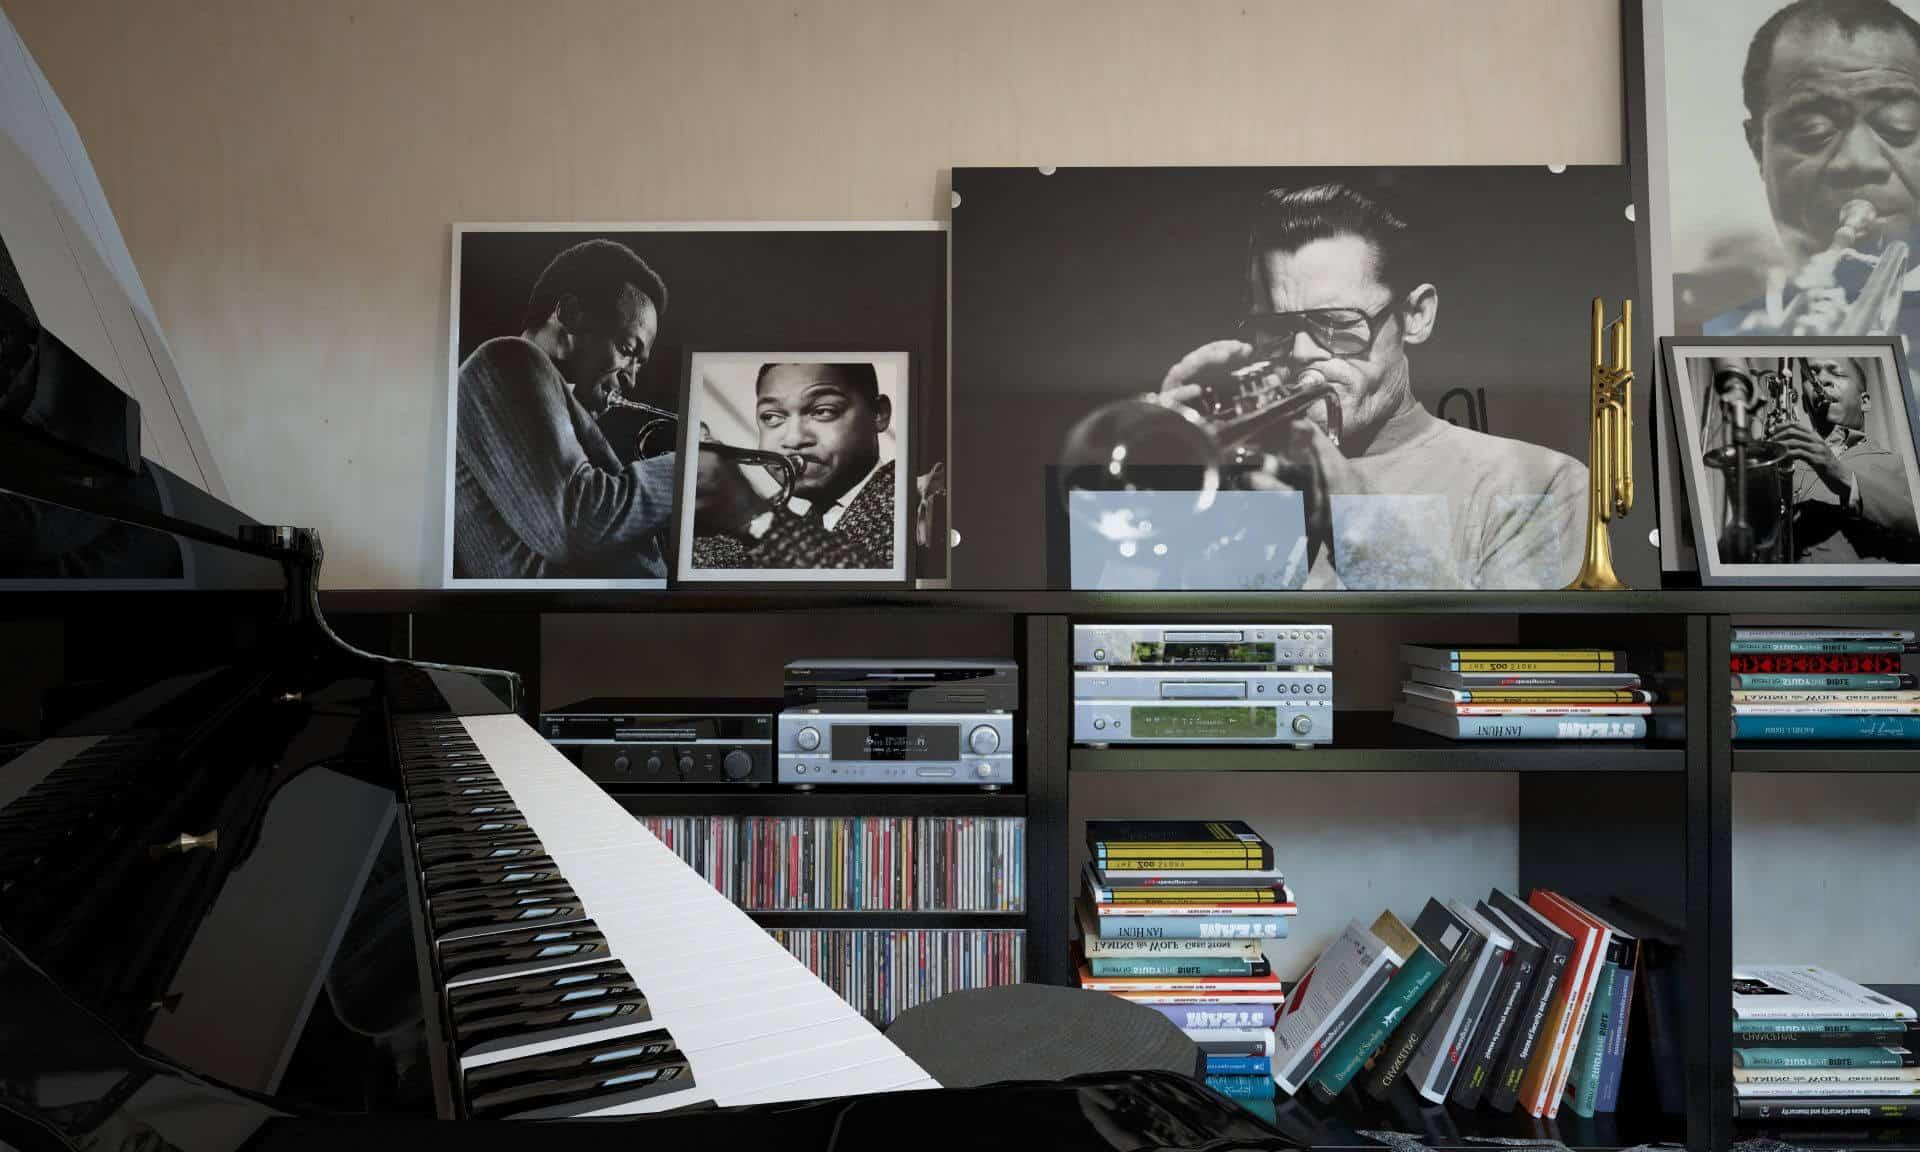 studio-de-jardin-musicien-20m23 Studio de jardin en tant que home studio